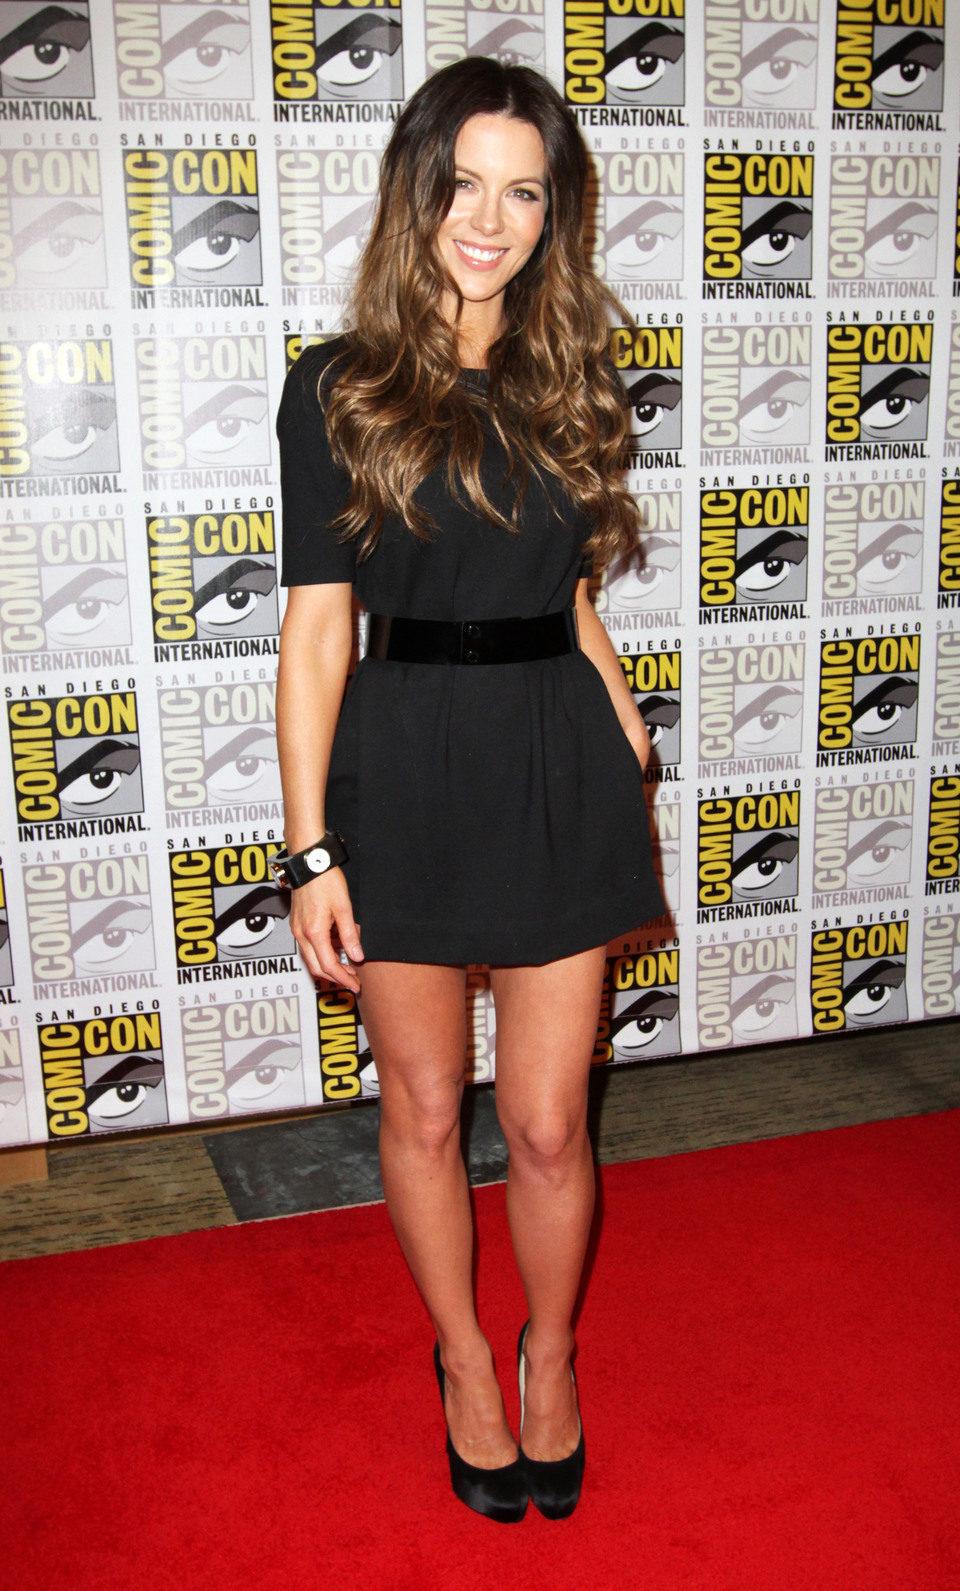 Kate Beckinsale en la Comic-Con 2011